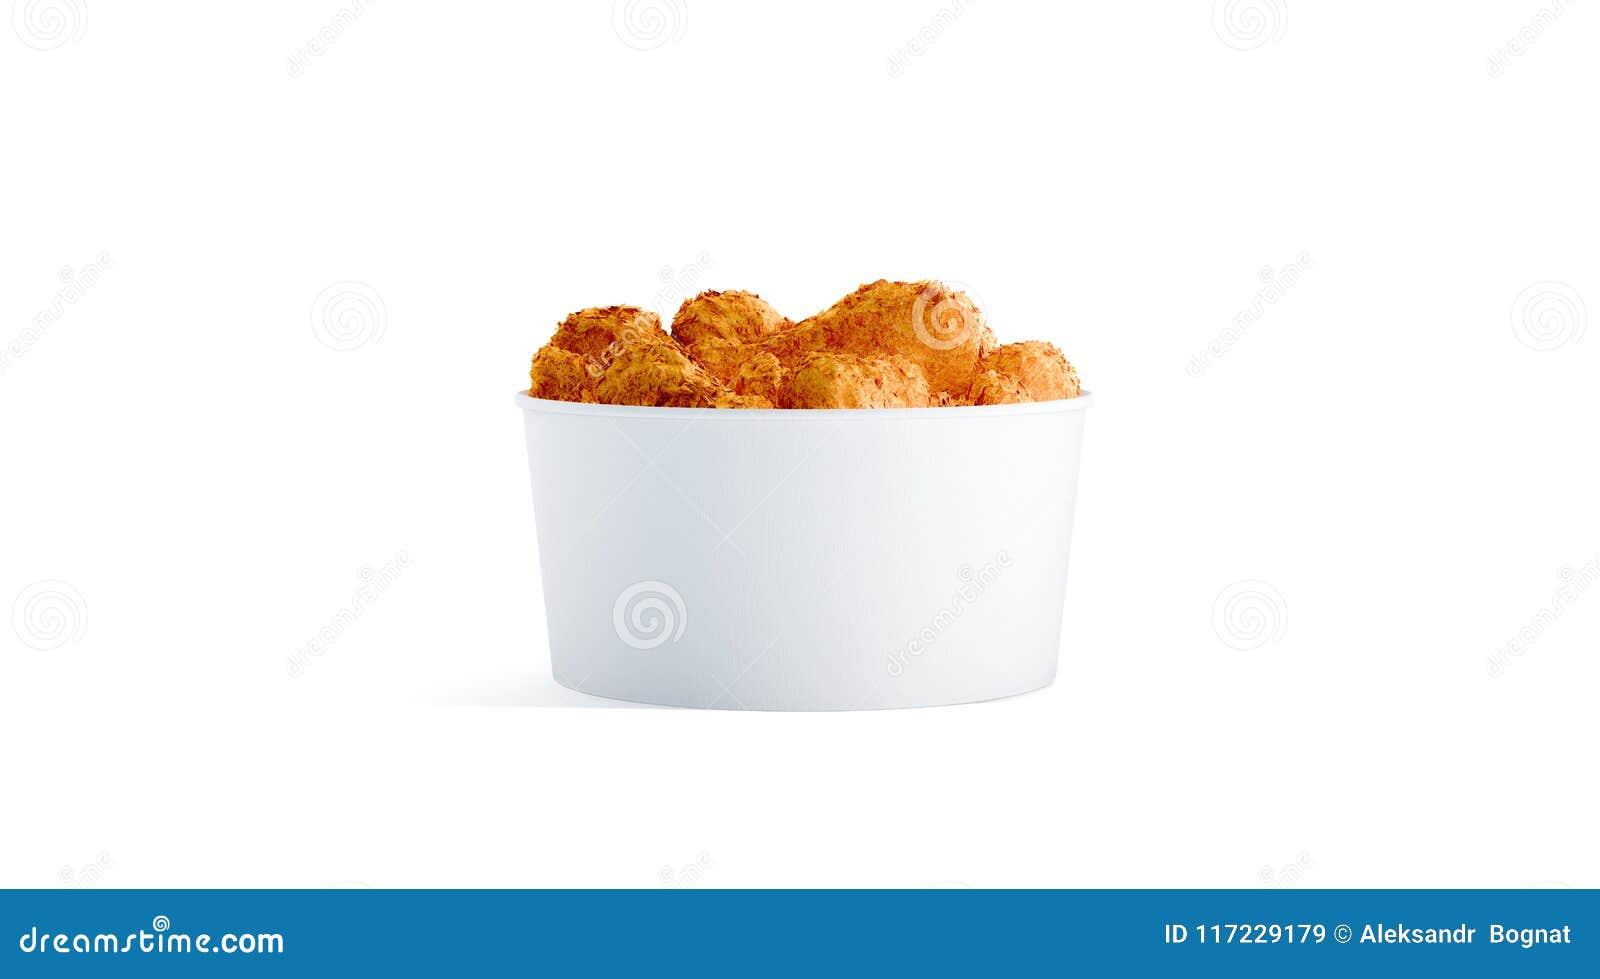 Leerer weißer kleiner Lebensmitteleimer mit dem Hühnerflügelmodell lokalisiert